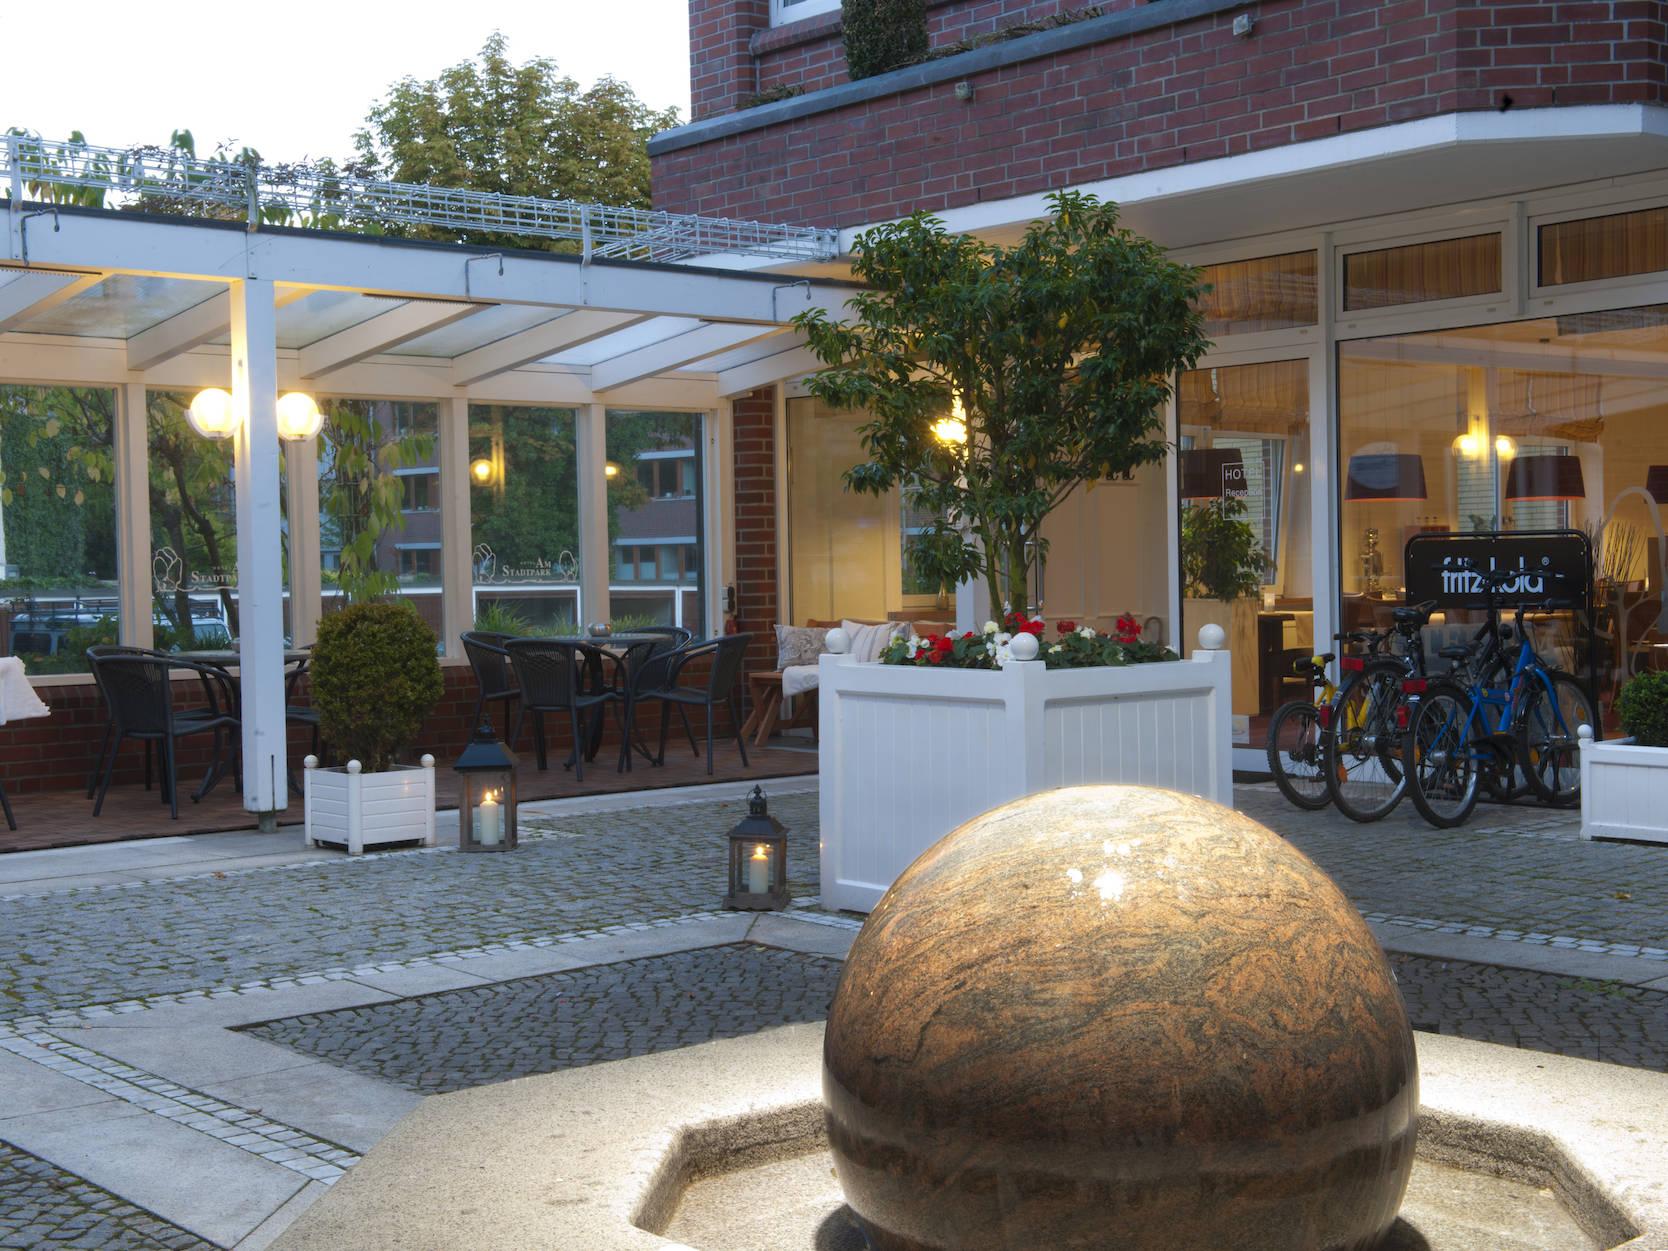 Aussenansicht Hotel am Stadtpark Buxtehude 3 uai